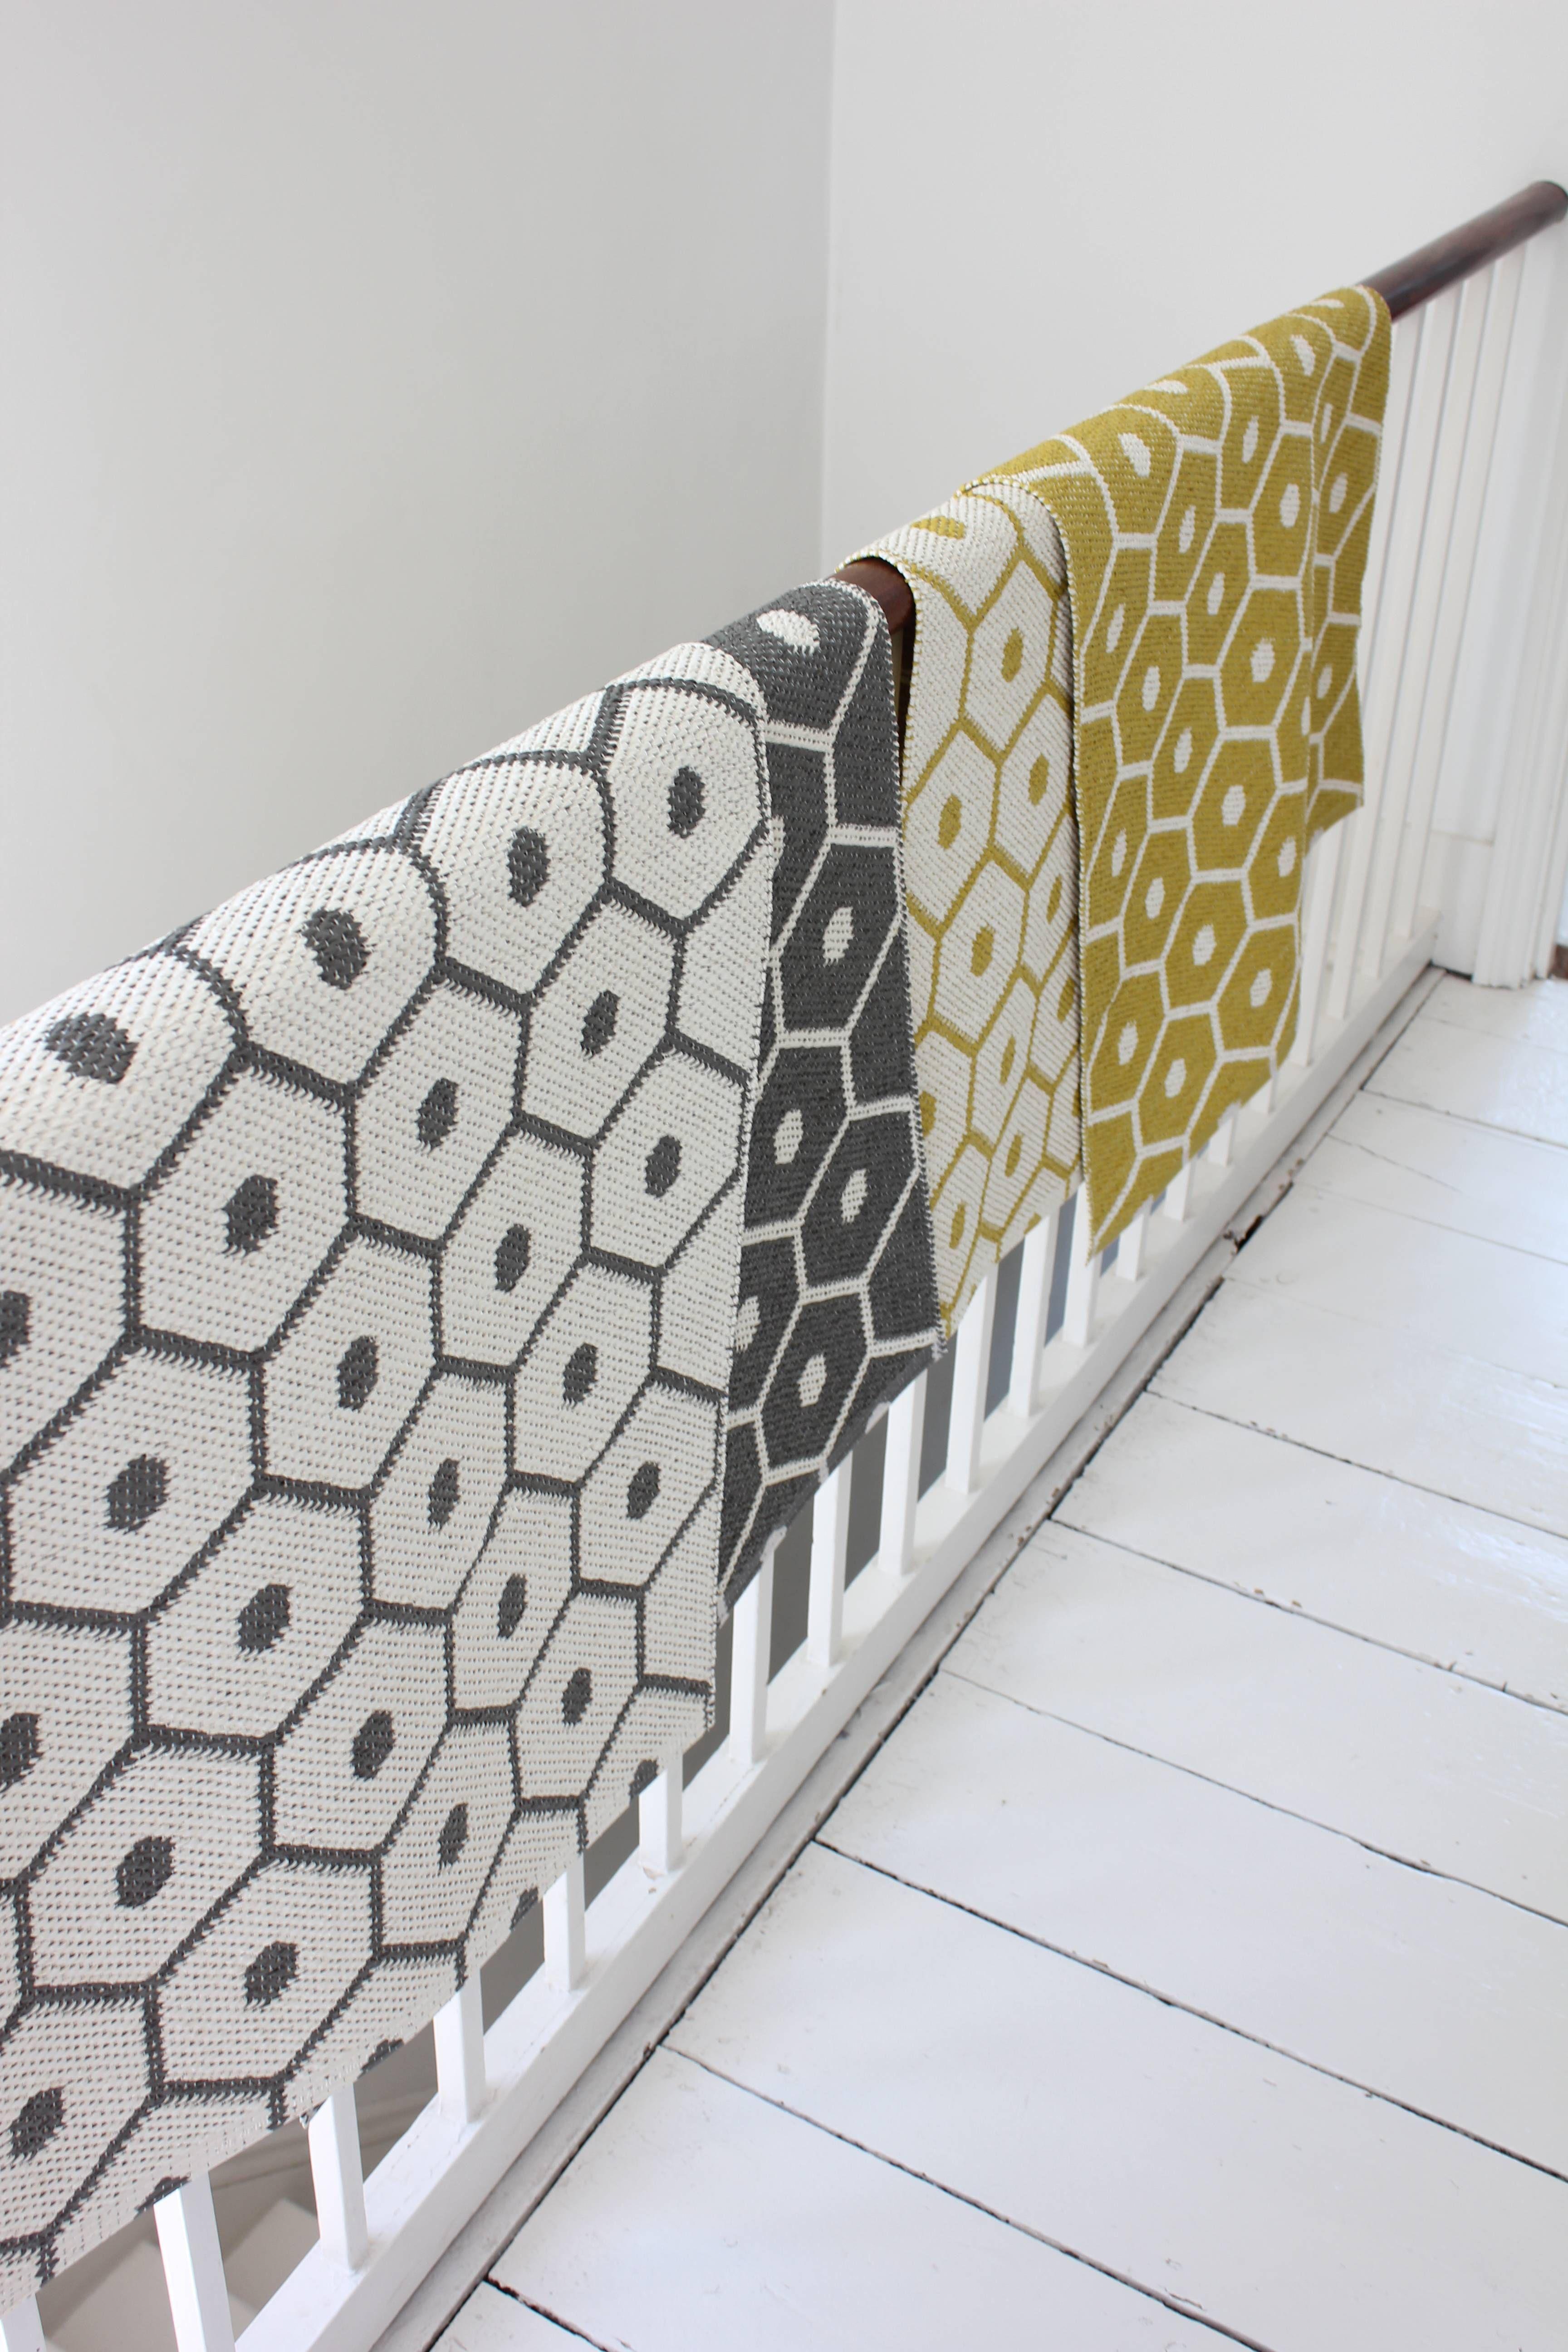 die besten 25 pappelina ideen auf pinterest skandinavische schubladen dunkle schr nke und. Black Bedroom Furniture Sets. Home Design Ideas